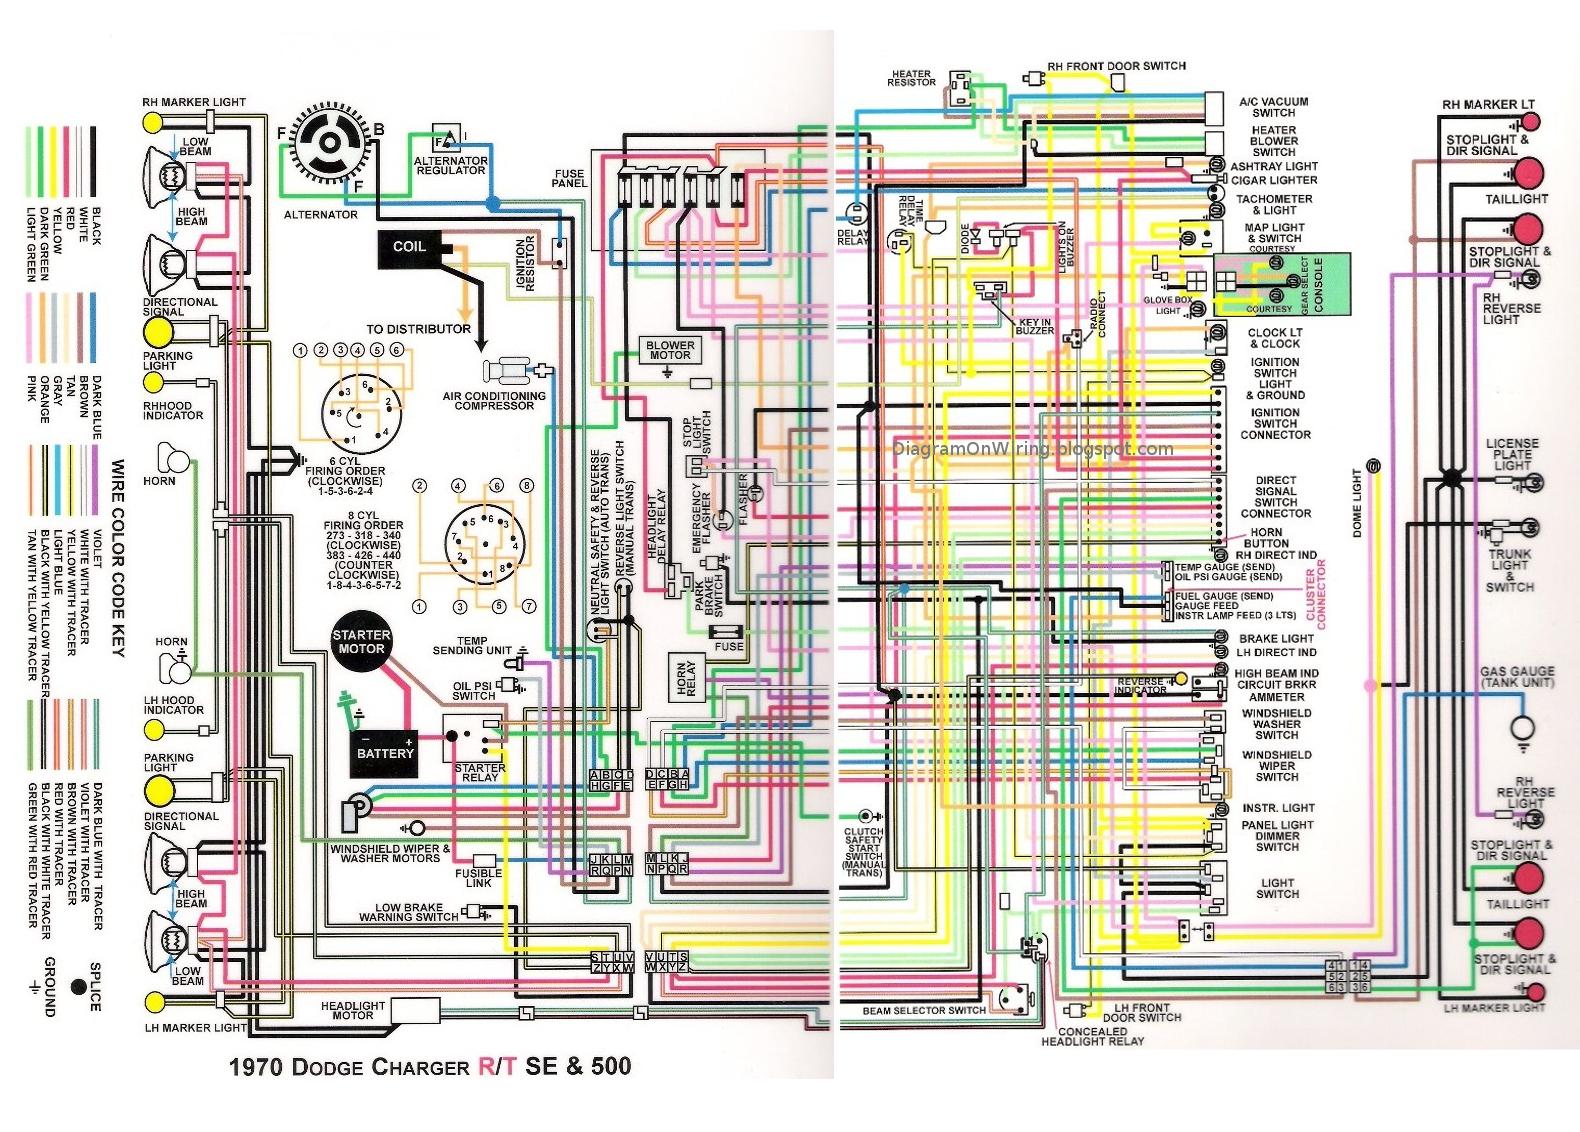 Strange Ac Alternator Wiring Diagram Basic Electronics Wiring Diagram Wiring Cloud Ostrrenstrafr09Org